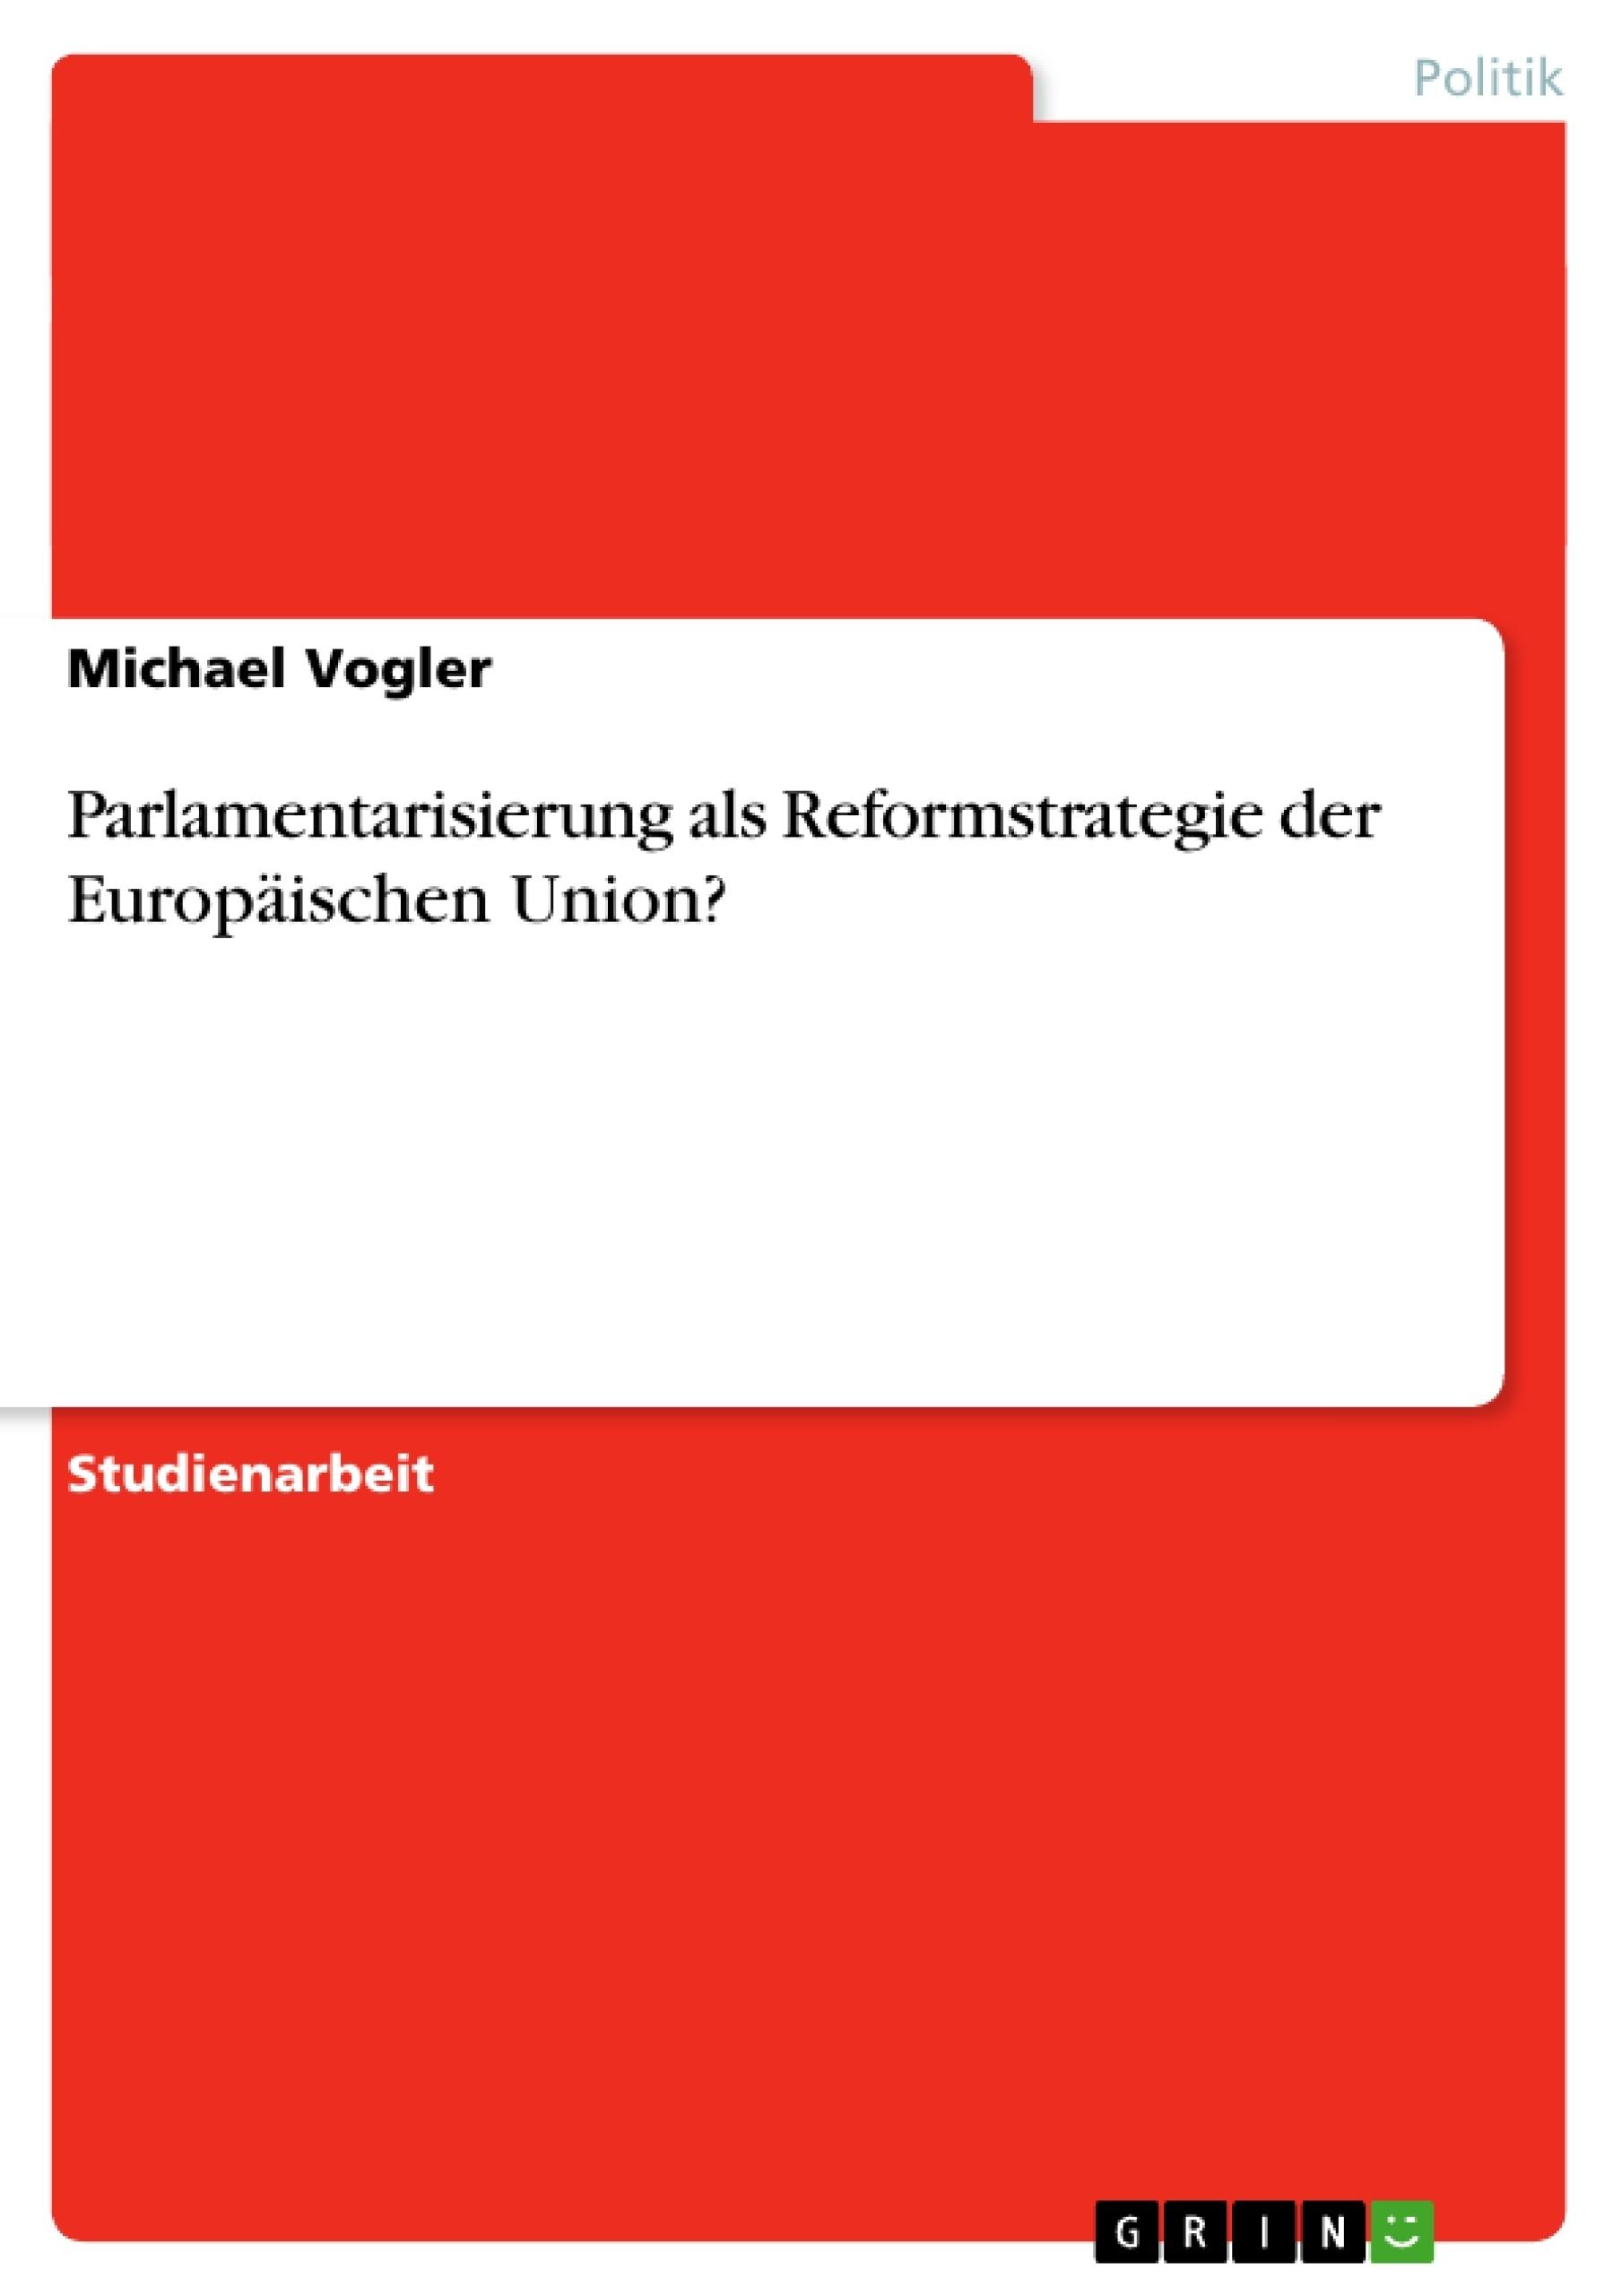 Titel: Parlamentarisierung als Reformstrategie der Europäischen Union?